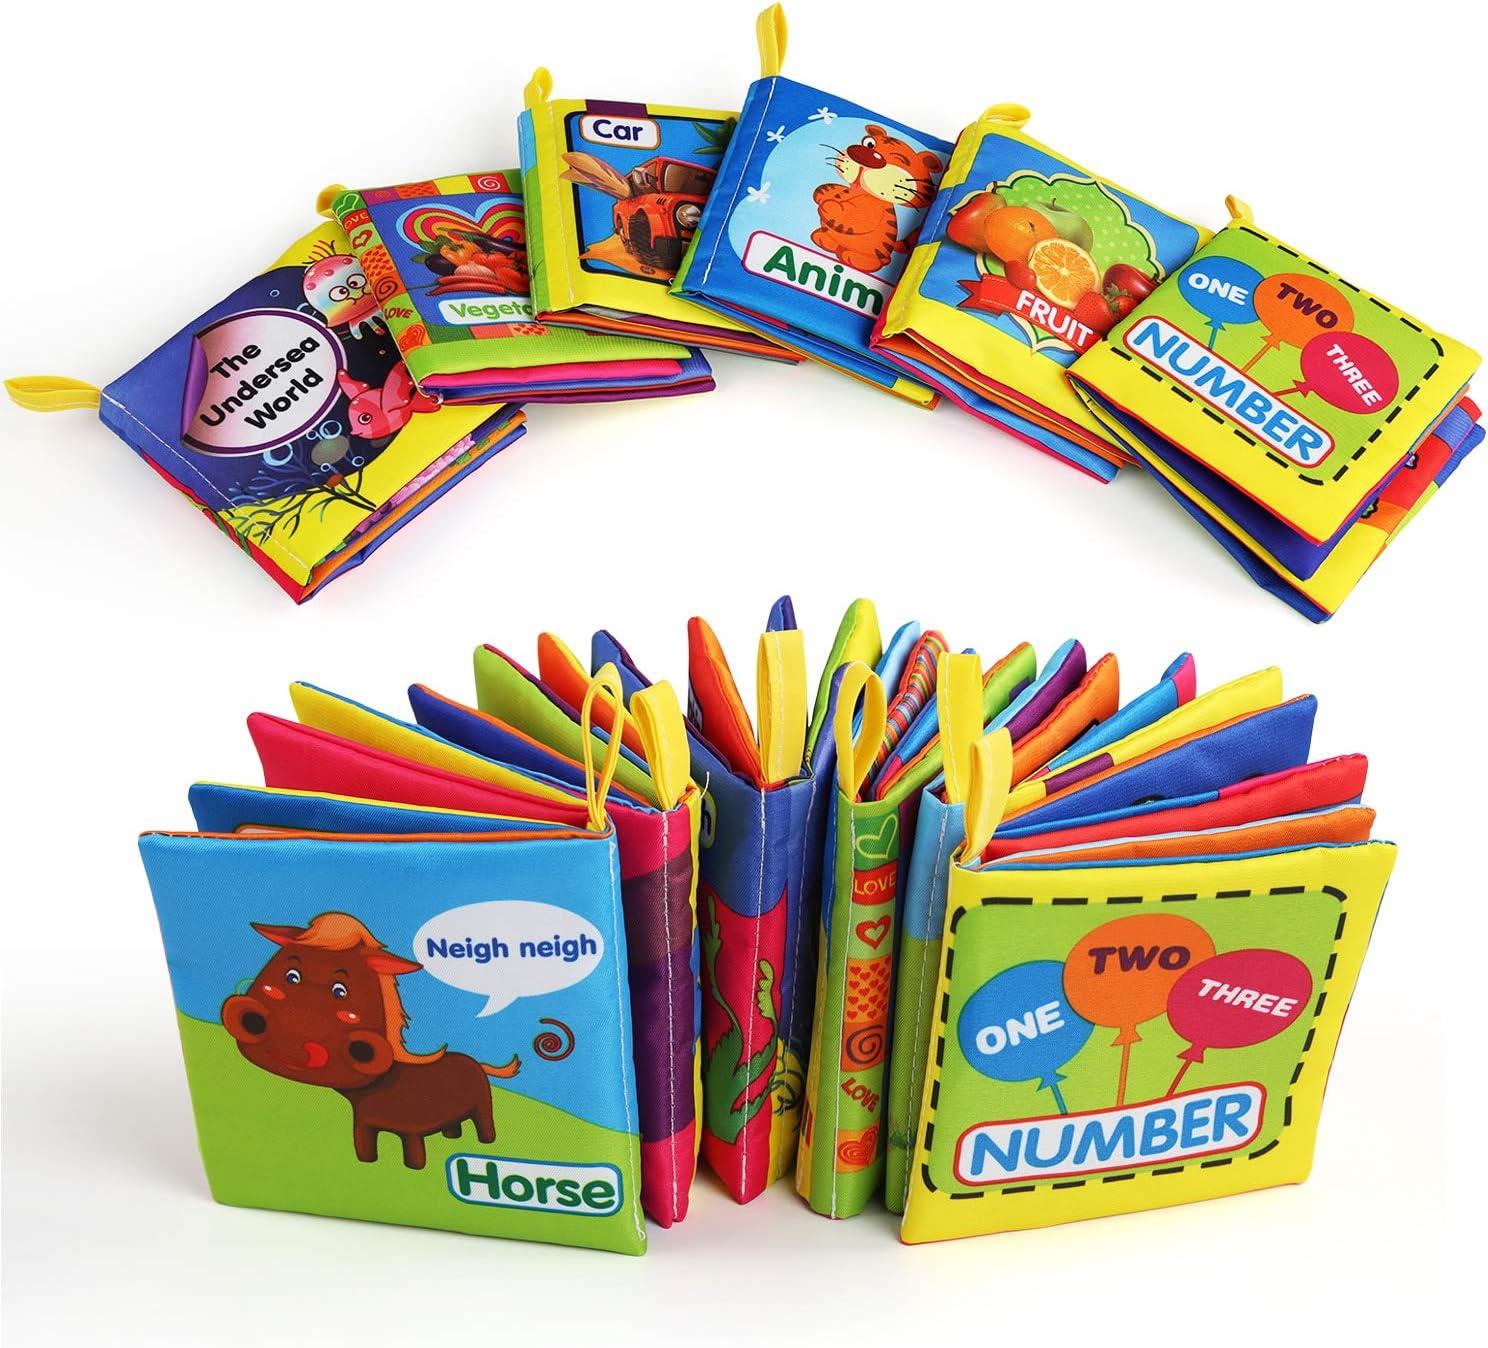 Libro Bebe, BelleStyle Libro Texturas Bebe para Juguetes Bebes 1 Año, Cloth Book, Libro Blando para Baño, Soft Book Educación Temprana y Desarrollo de Juguete, 6 PCS